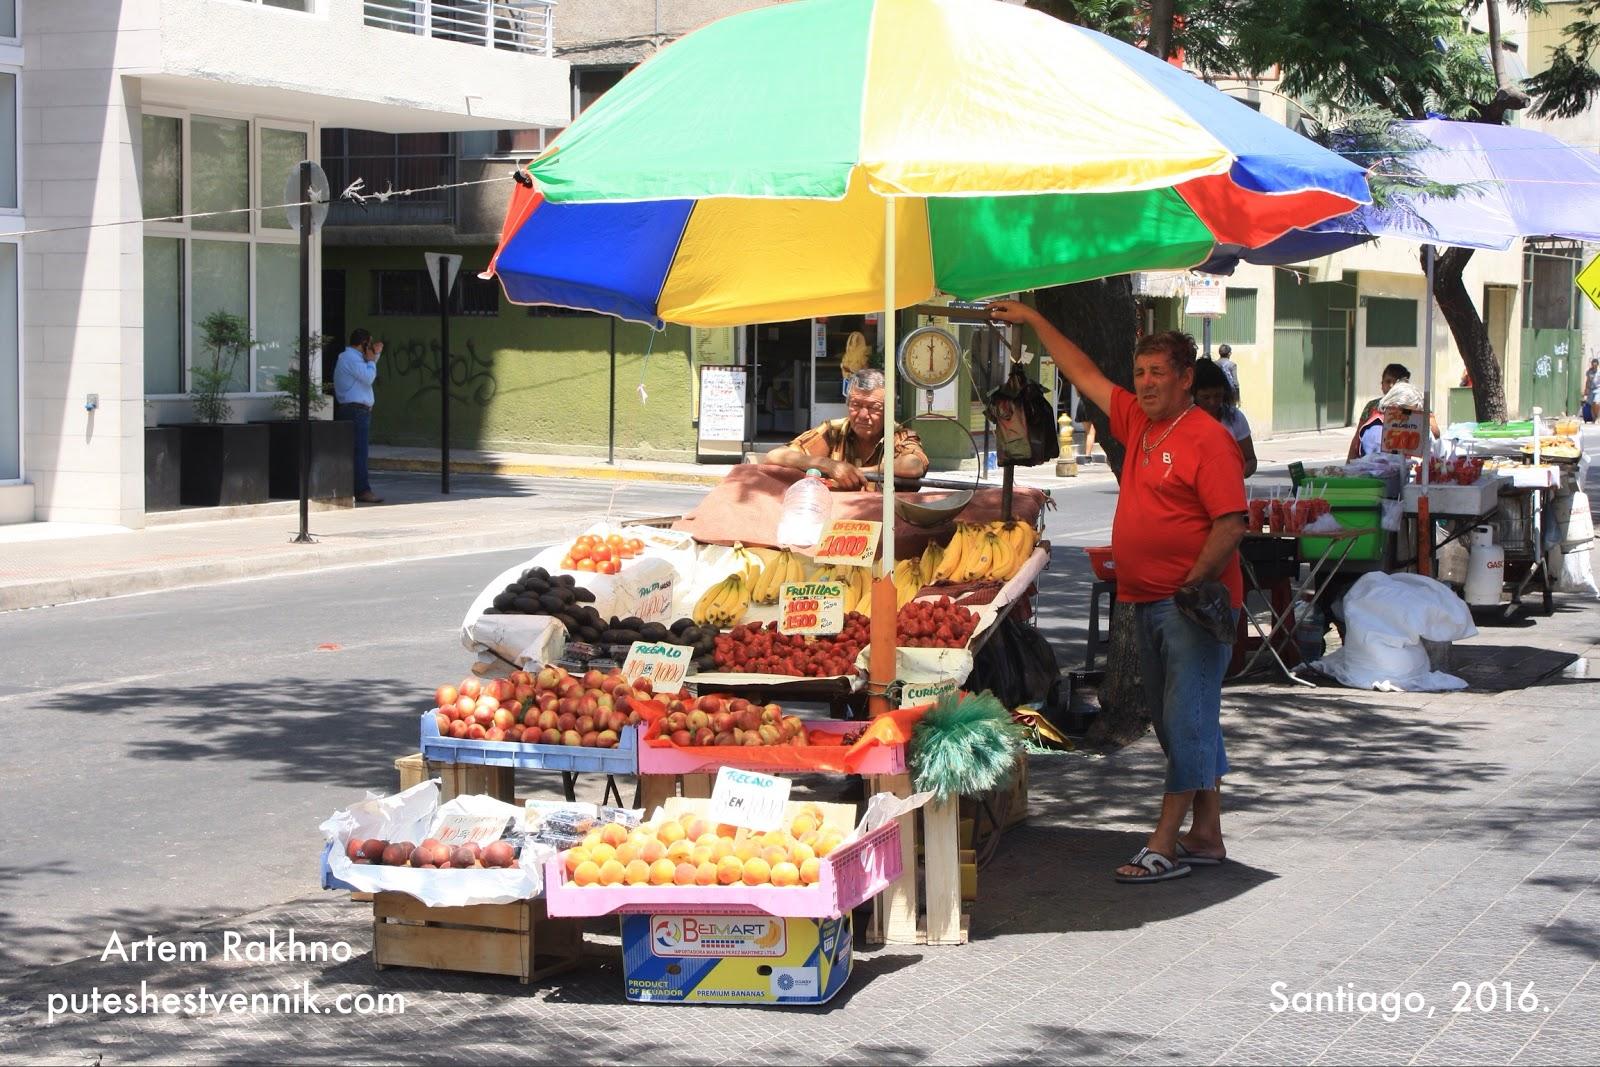 Продажа фруктов на улице в Сантьяго